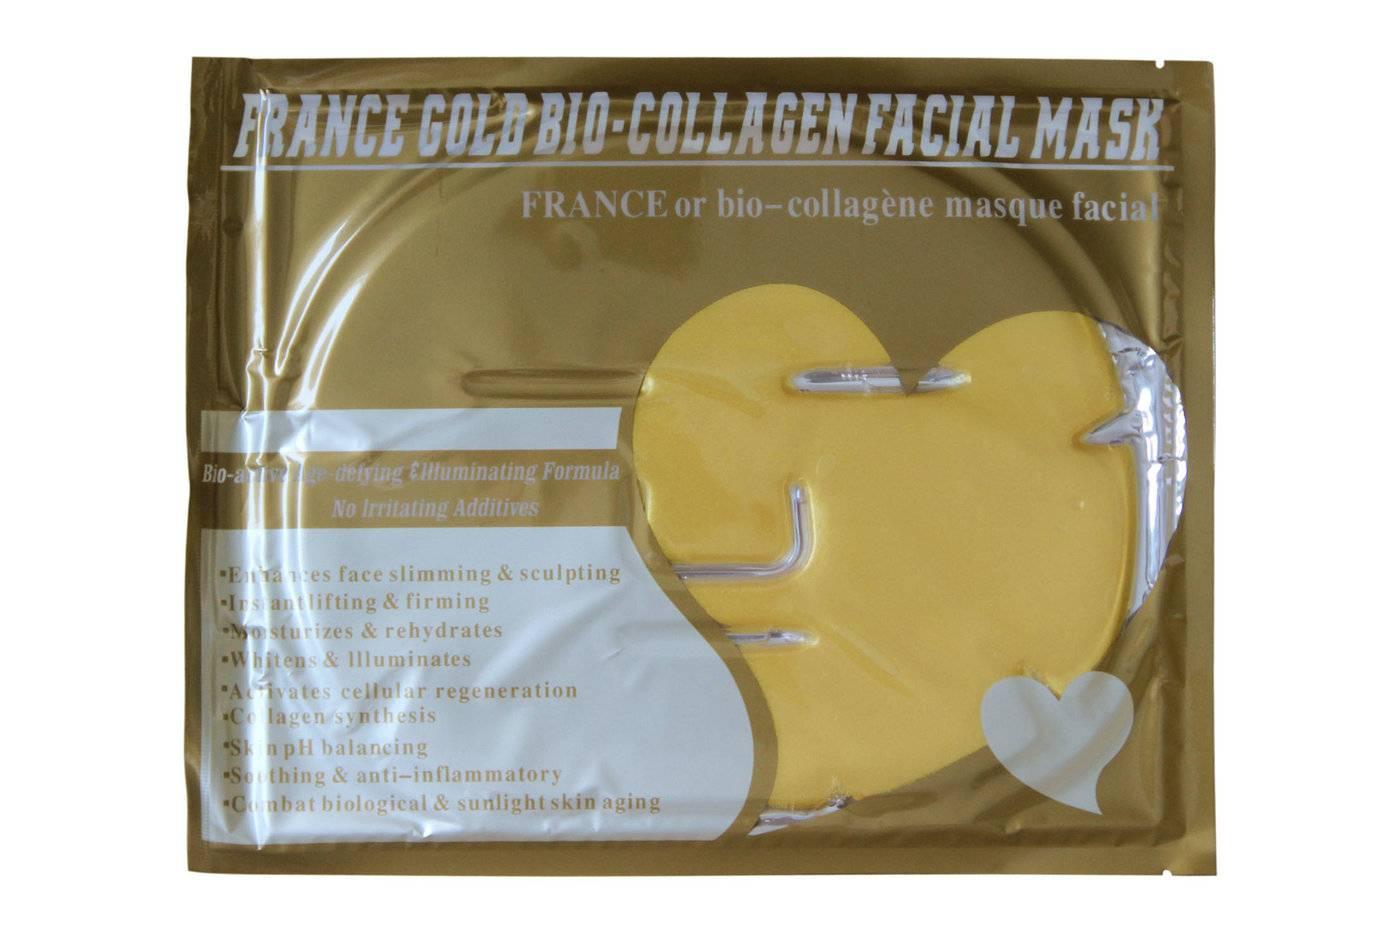 France Golden Collagen Face Mask